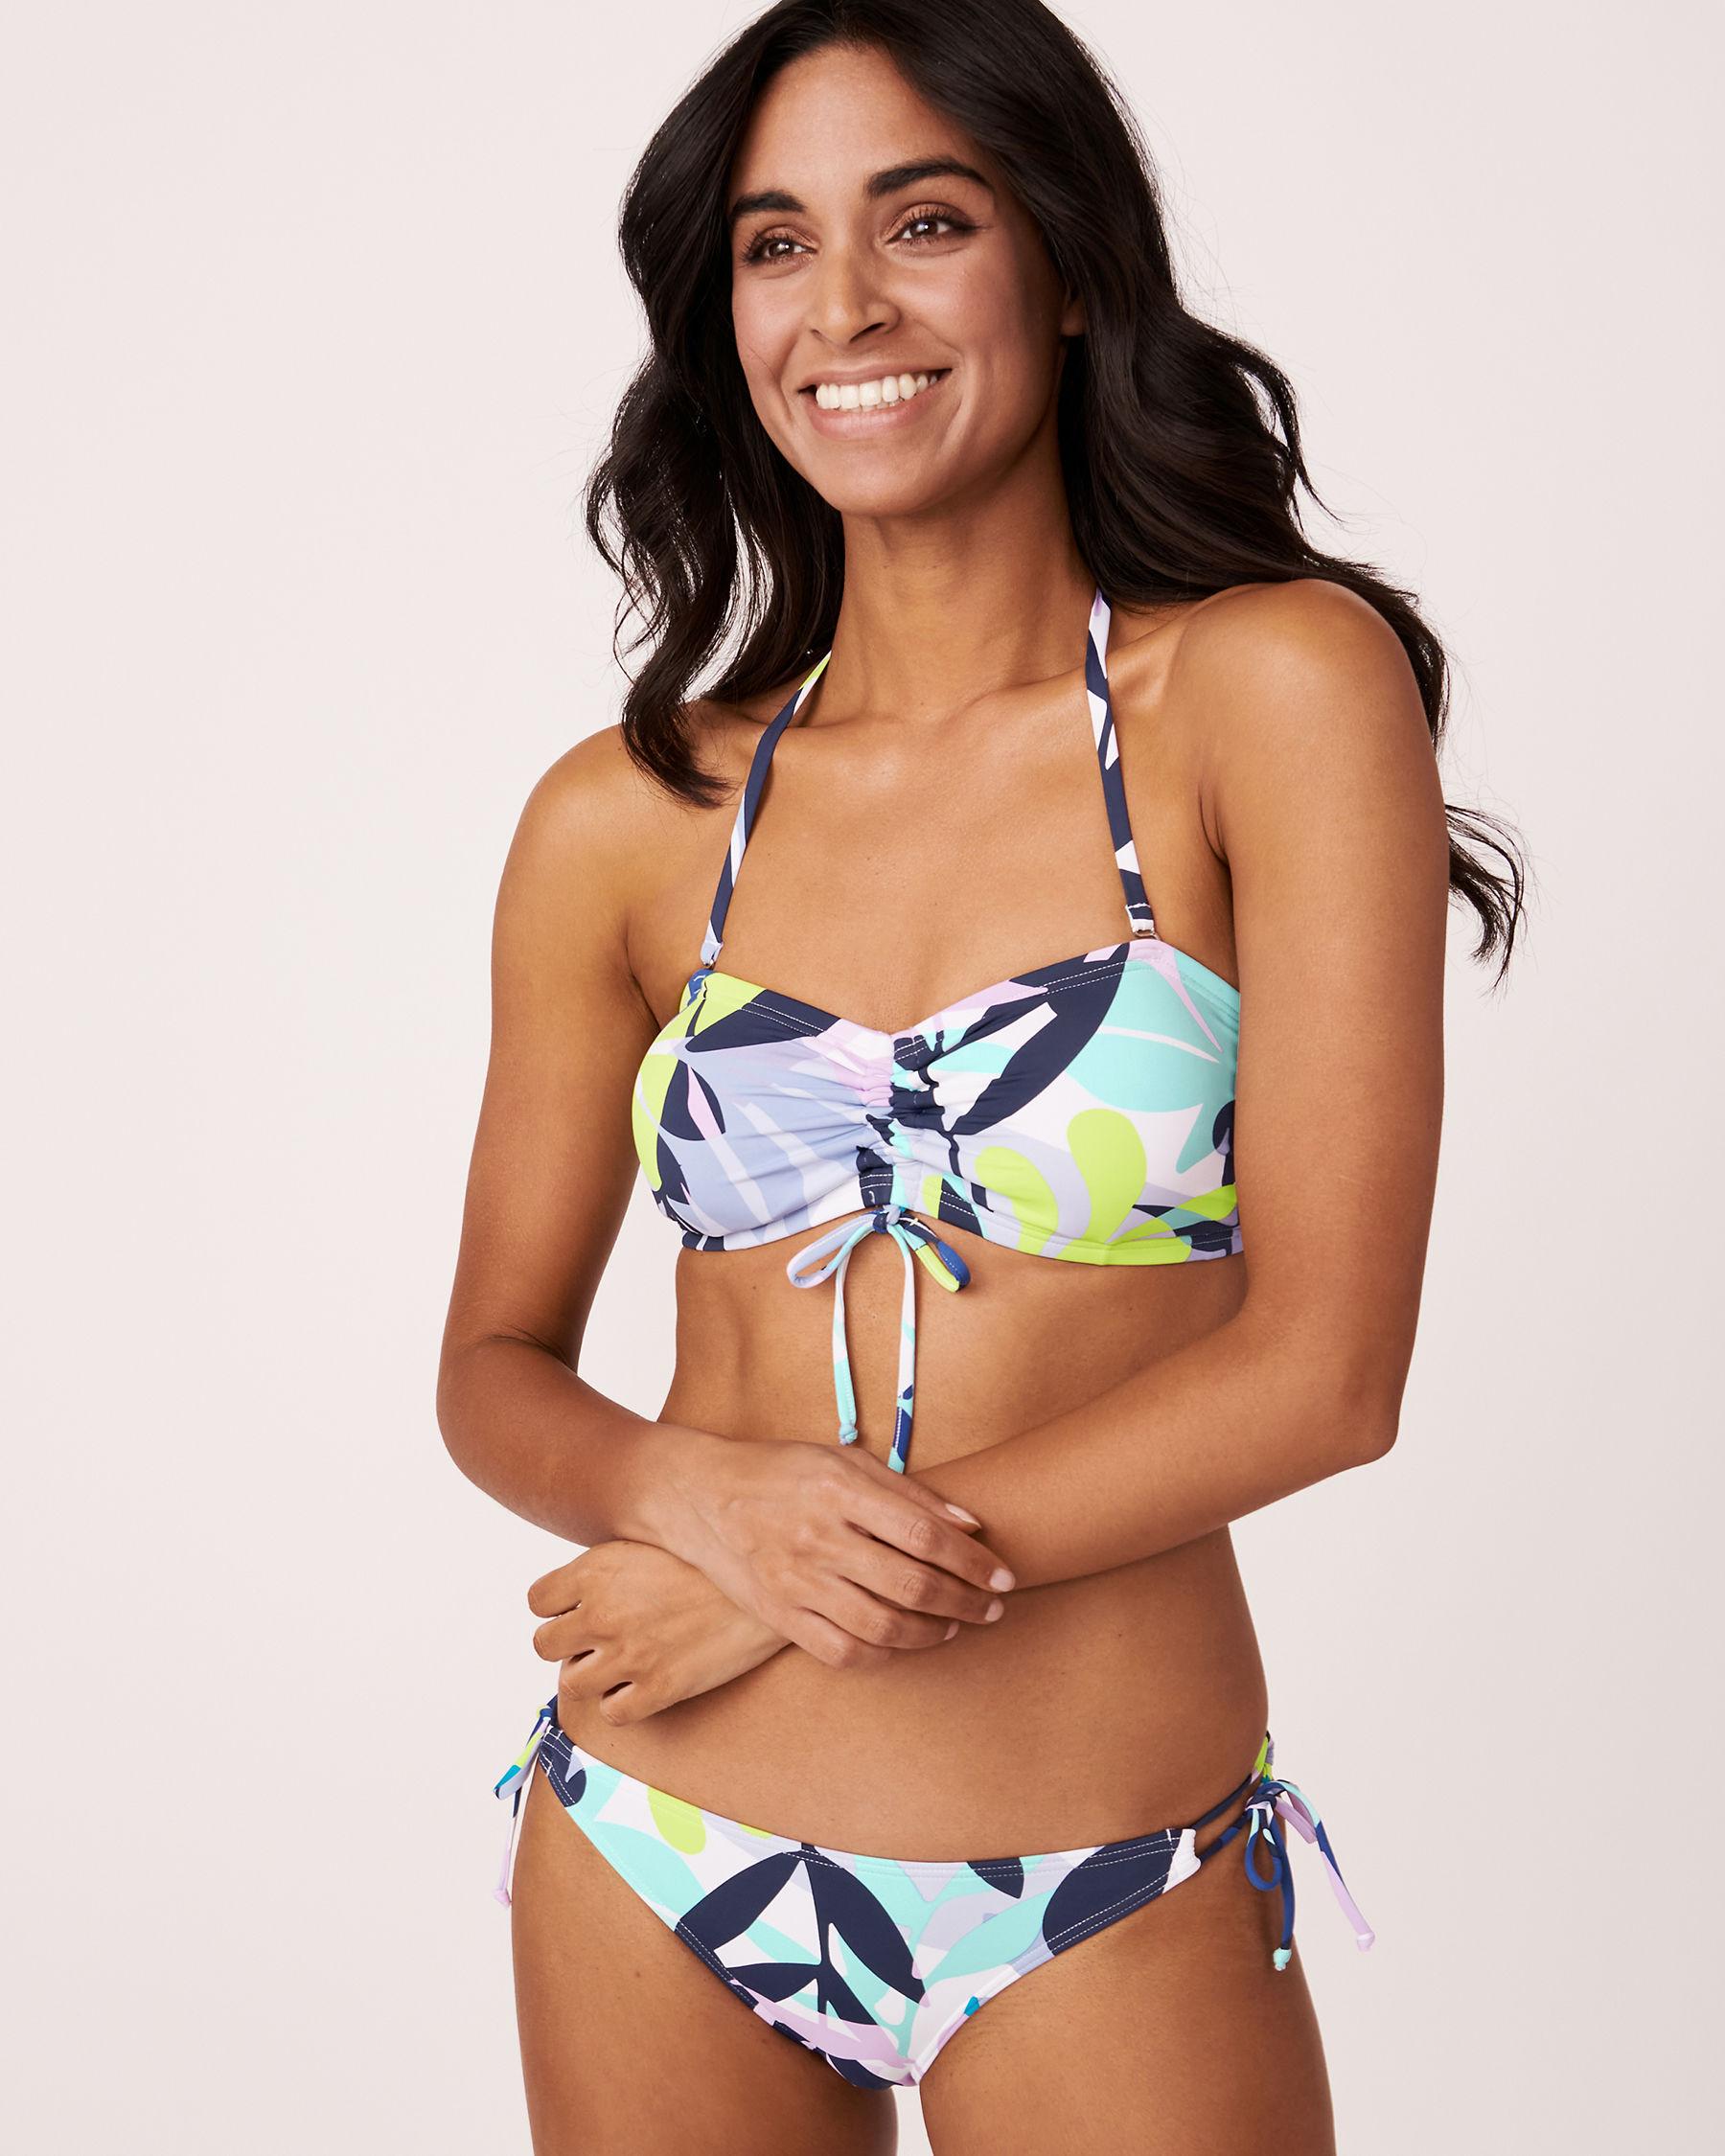 LA VIE EN ROSE AQUA Bas de bikini noué aux hanches SPRING LEAVES Imprimé feuilles 70300006 - Voir3